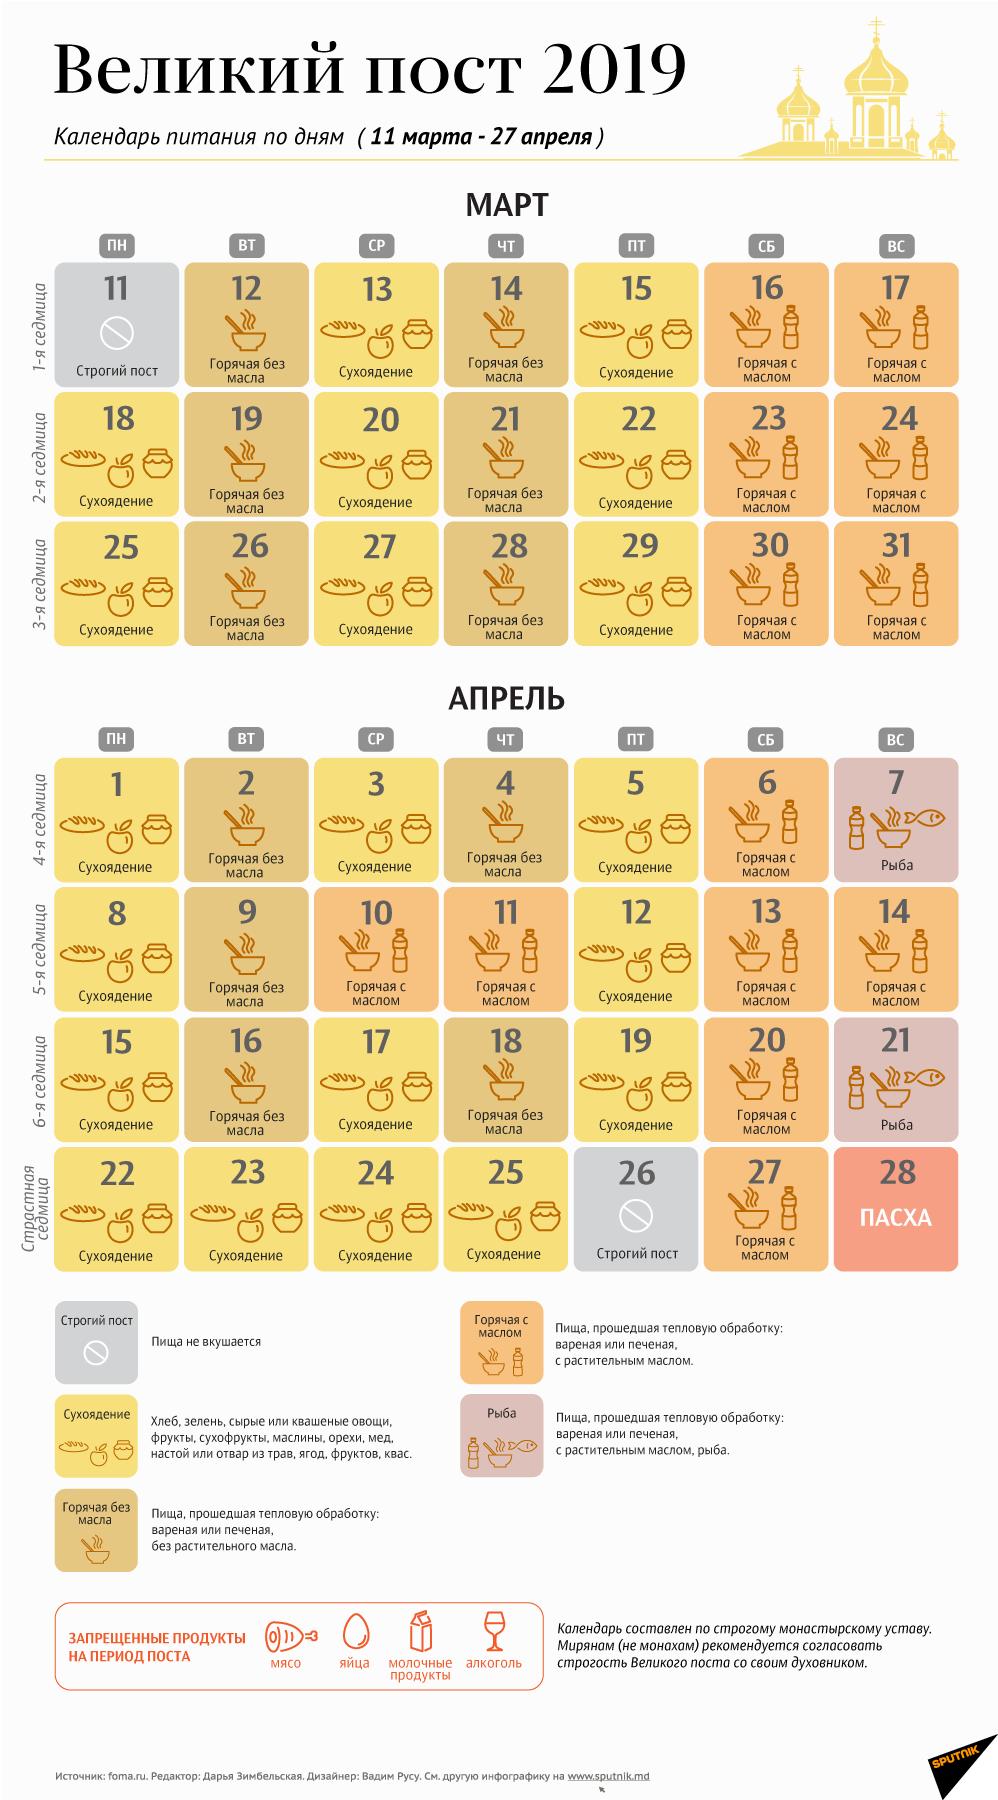 Постные продукты и примерное меню того, что можно кушать в пост (строгий и нестрогий)